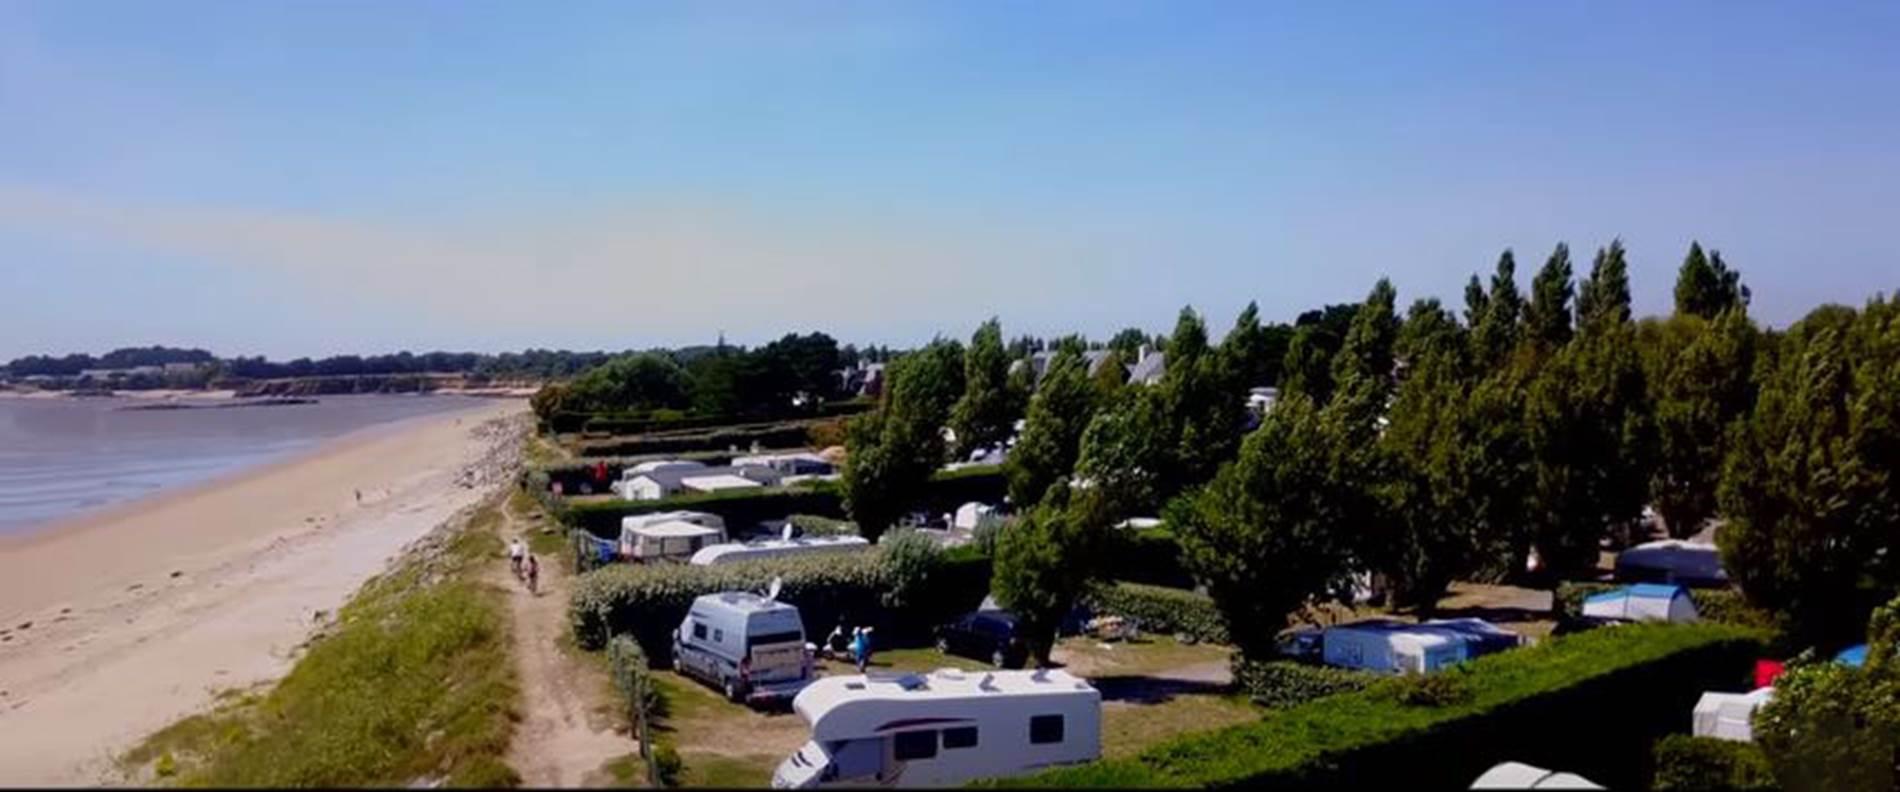 Vue Sur le Camping Les goélands et la plage de Bétahon ©